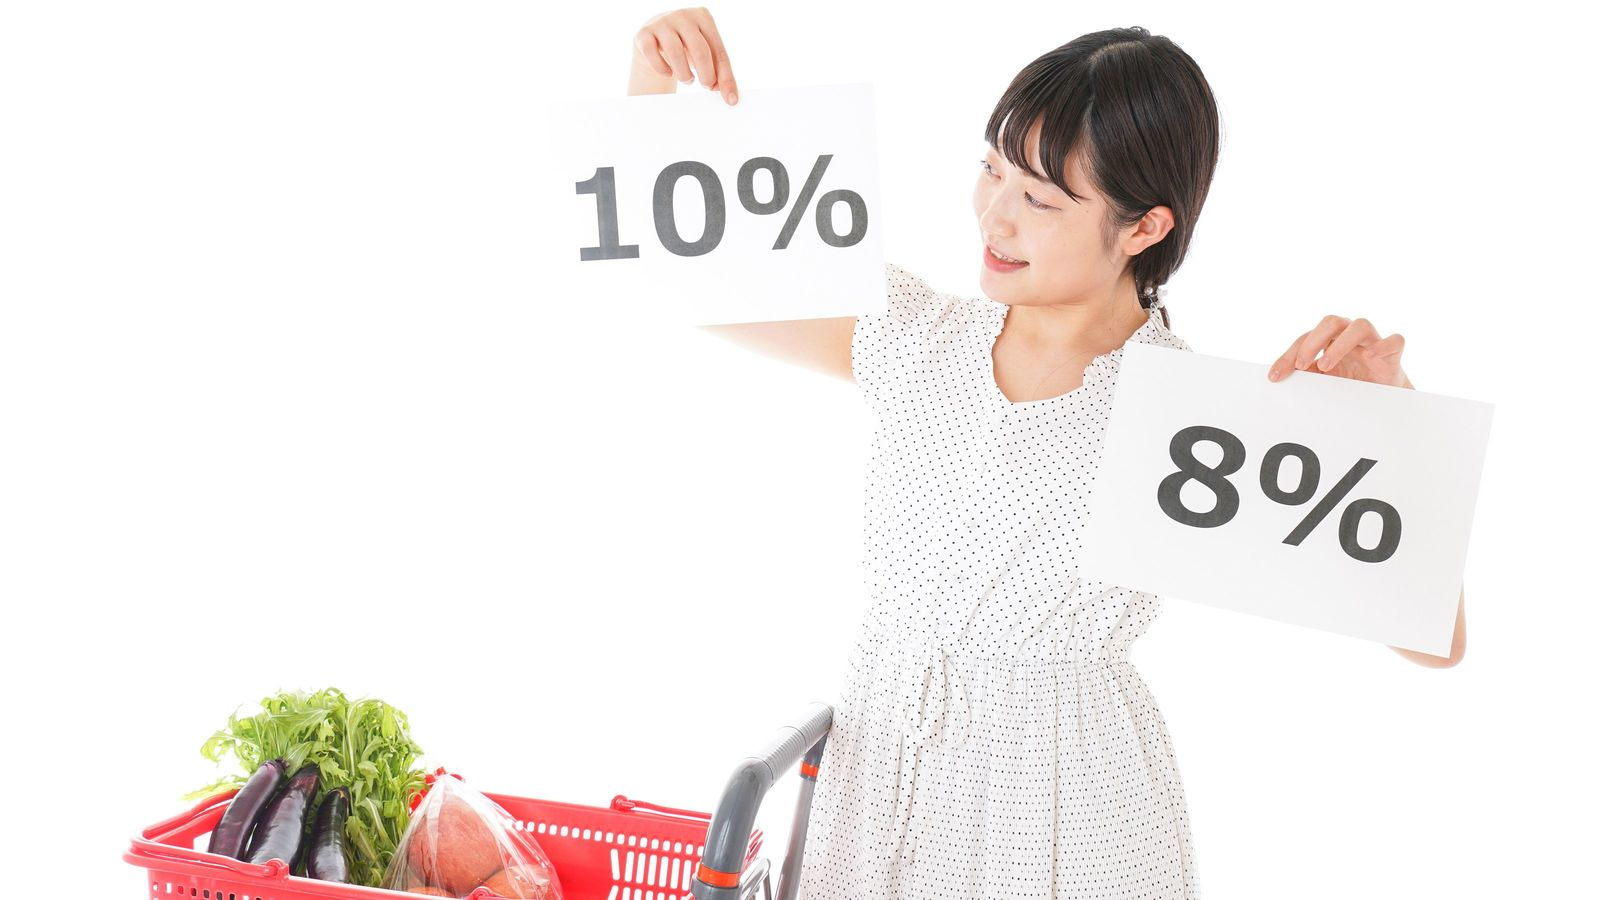 オロナミンCが8%でリポビタンDが10%のナゾ 消費者置いてけぼりの軽減税率制度